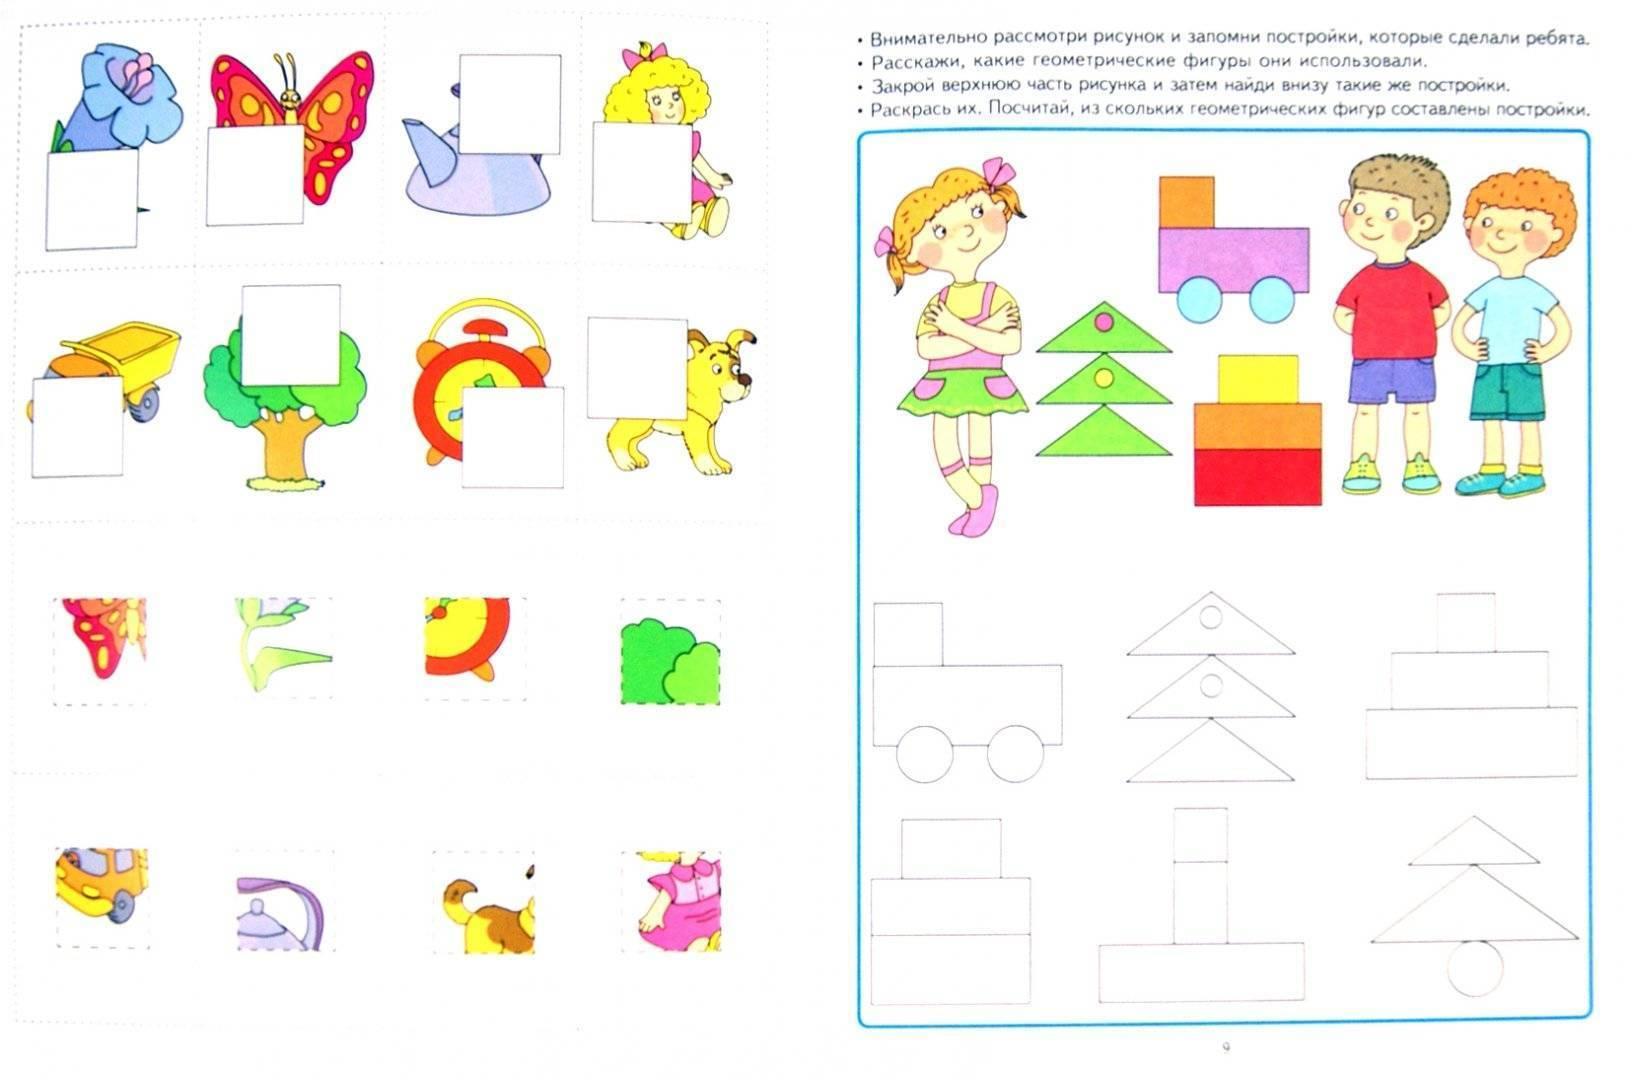 ☀ развивающие интересные ☀ занятия для детей 4 5 лет ☀